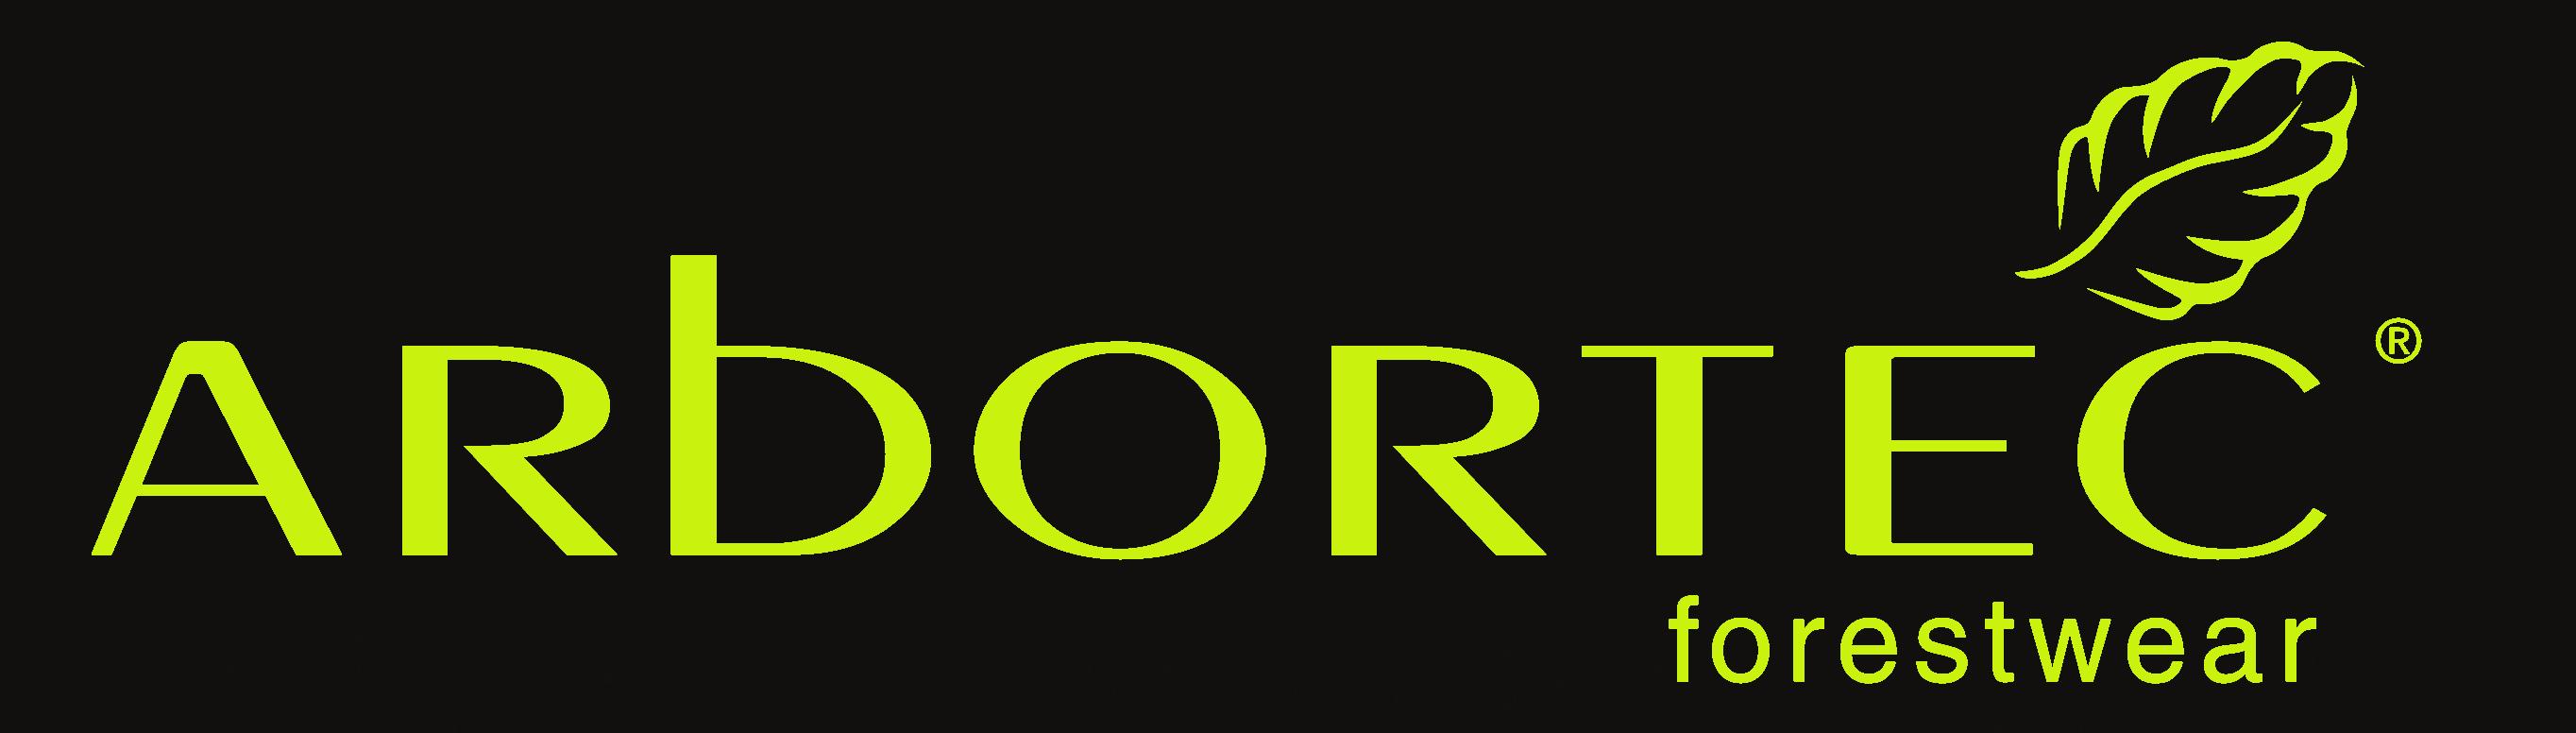 LOGO ARBORTEC